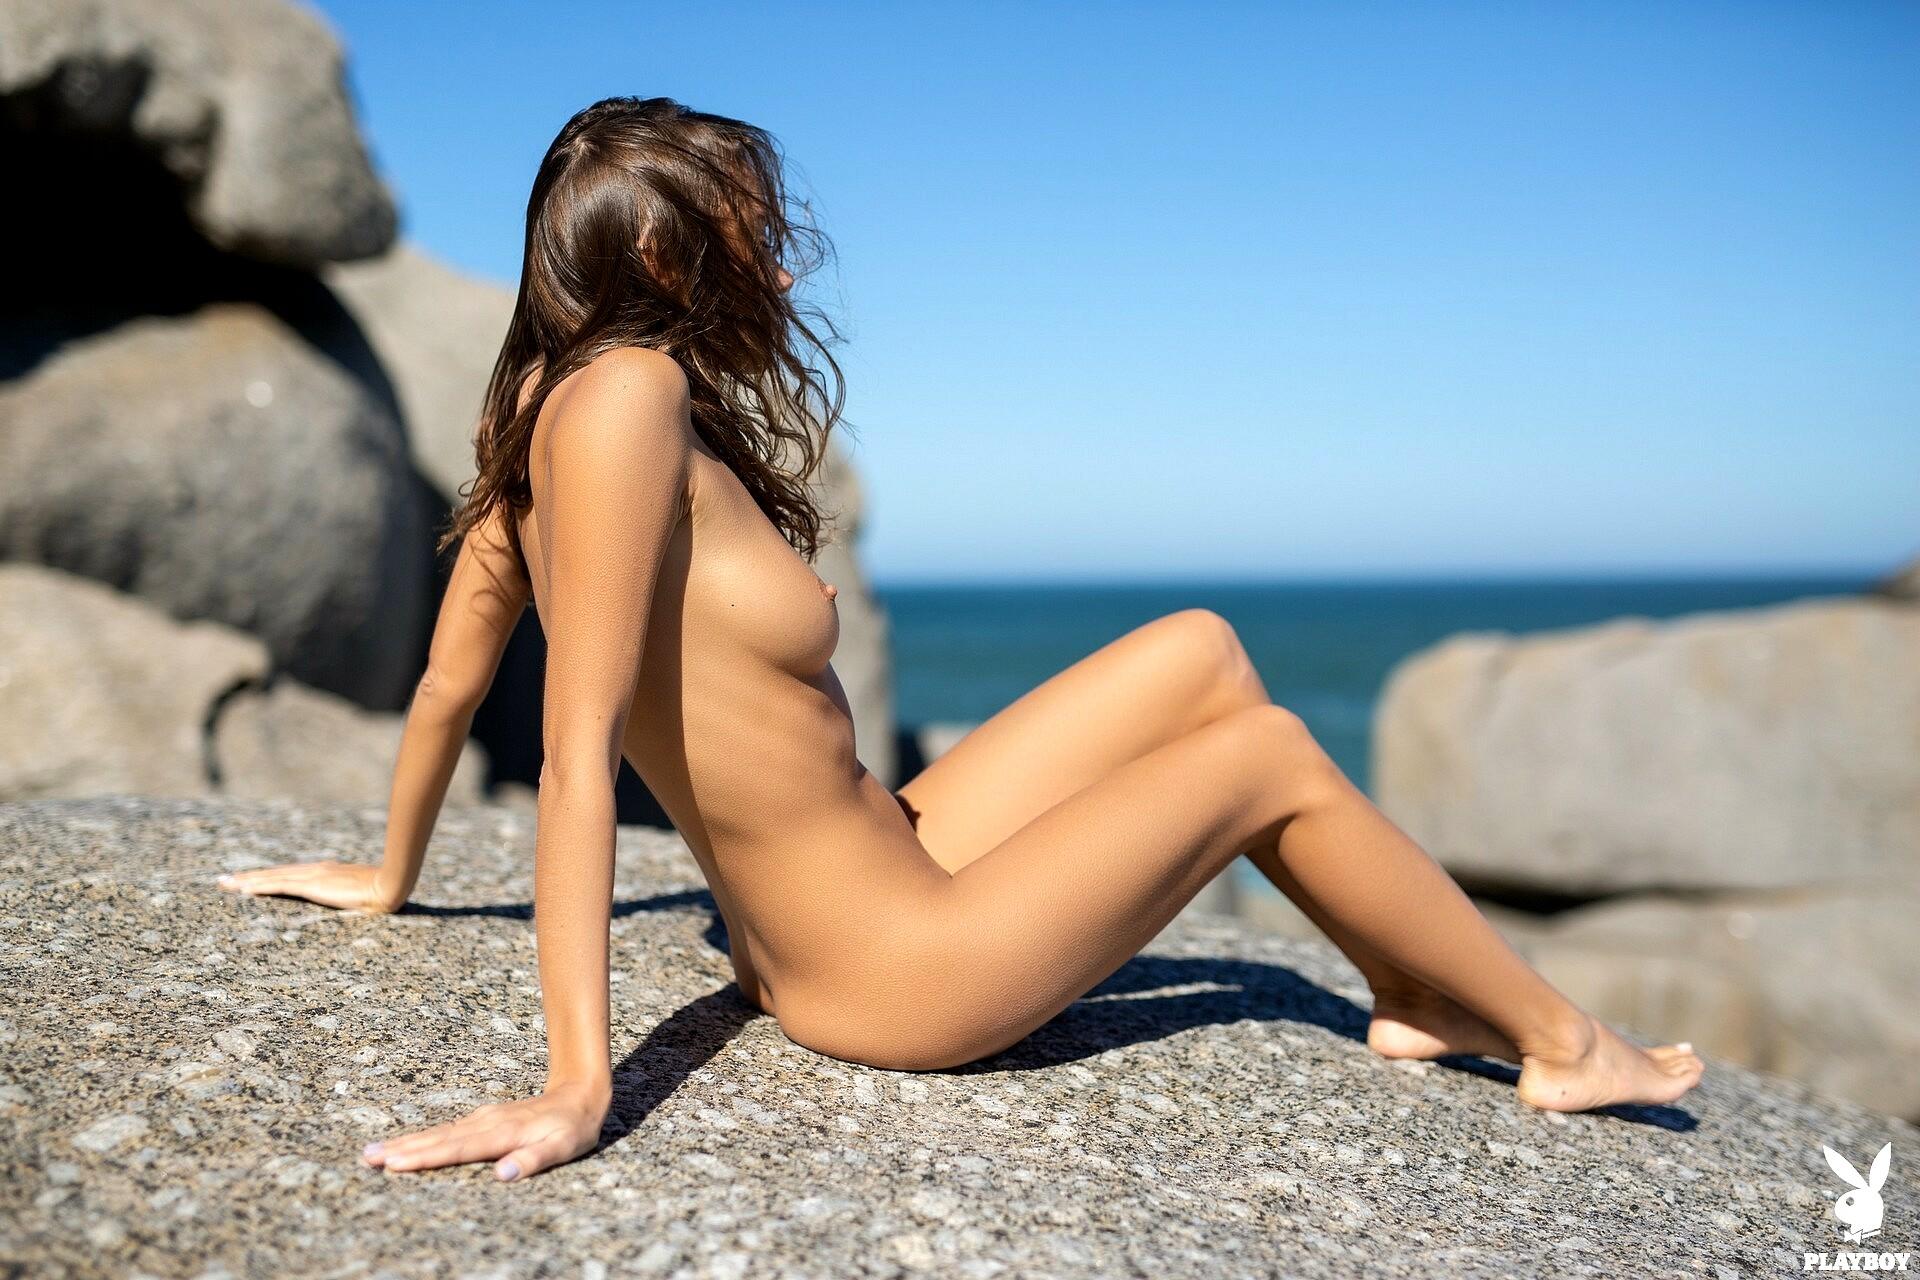 Elly tran topless